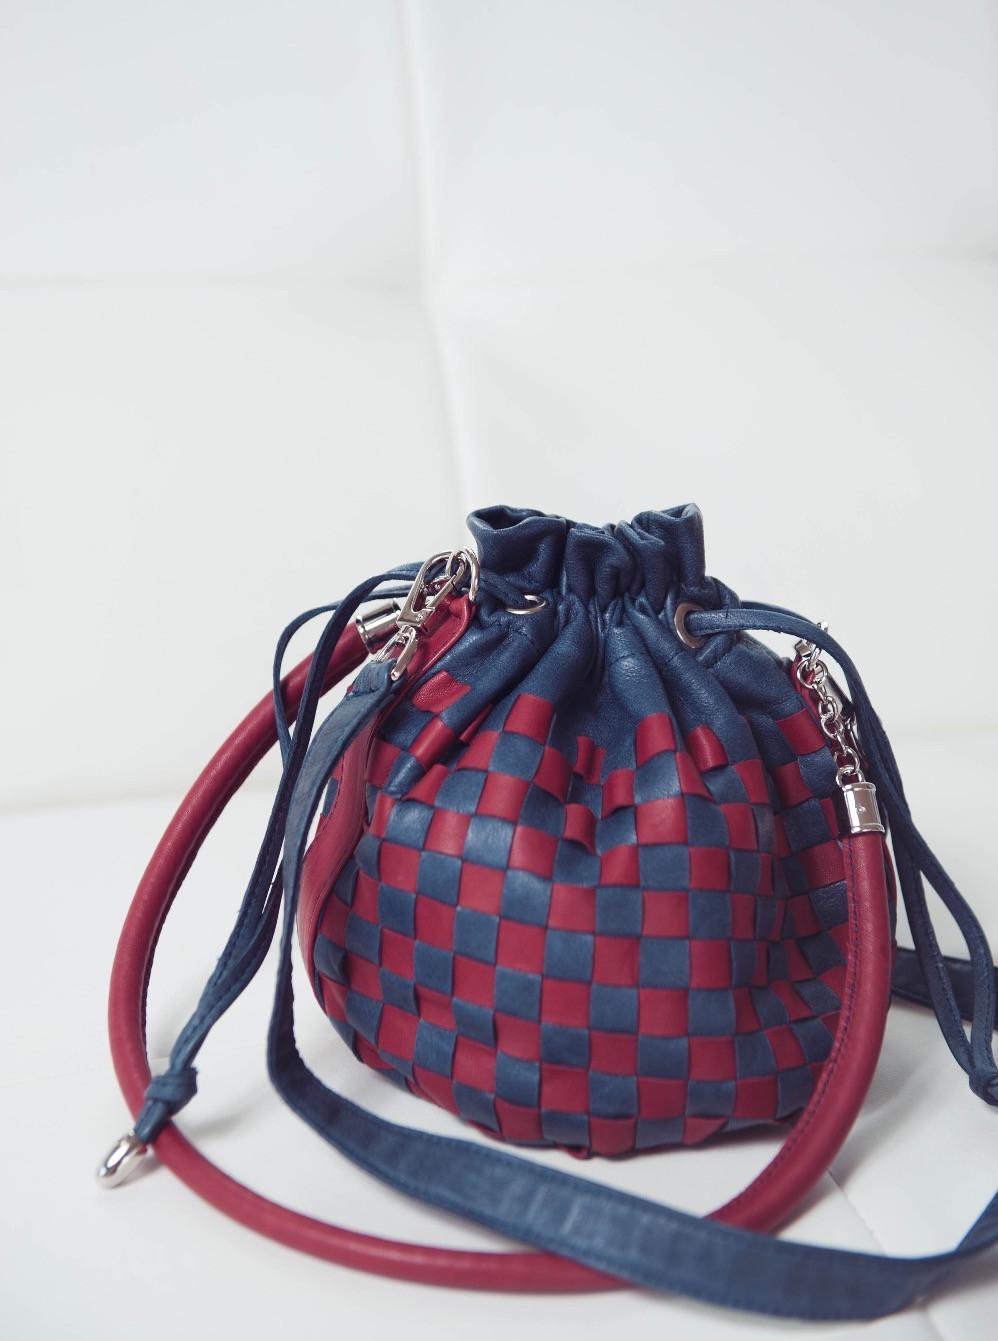 Jaclyn Hand Woven Bucket Bag